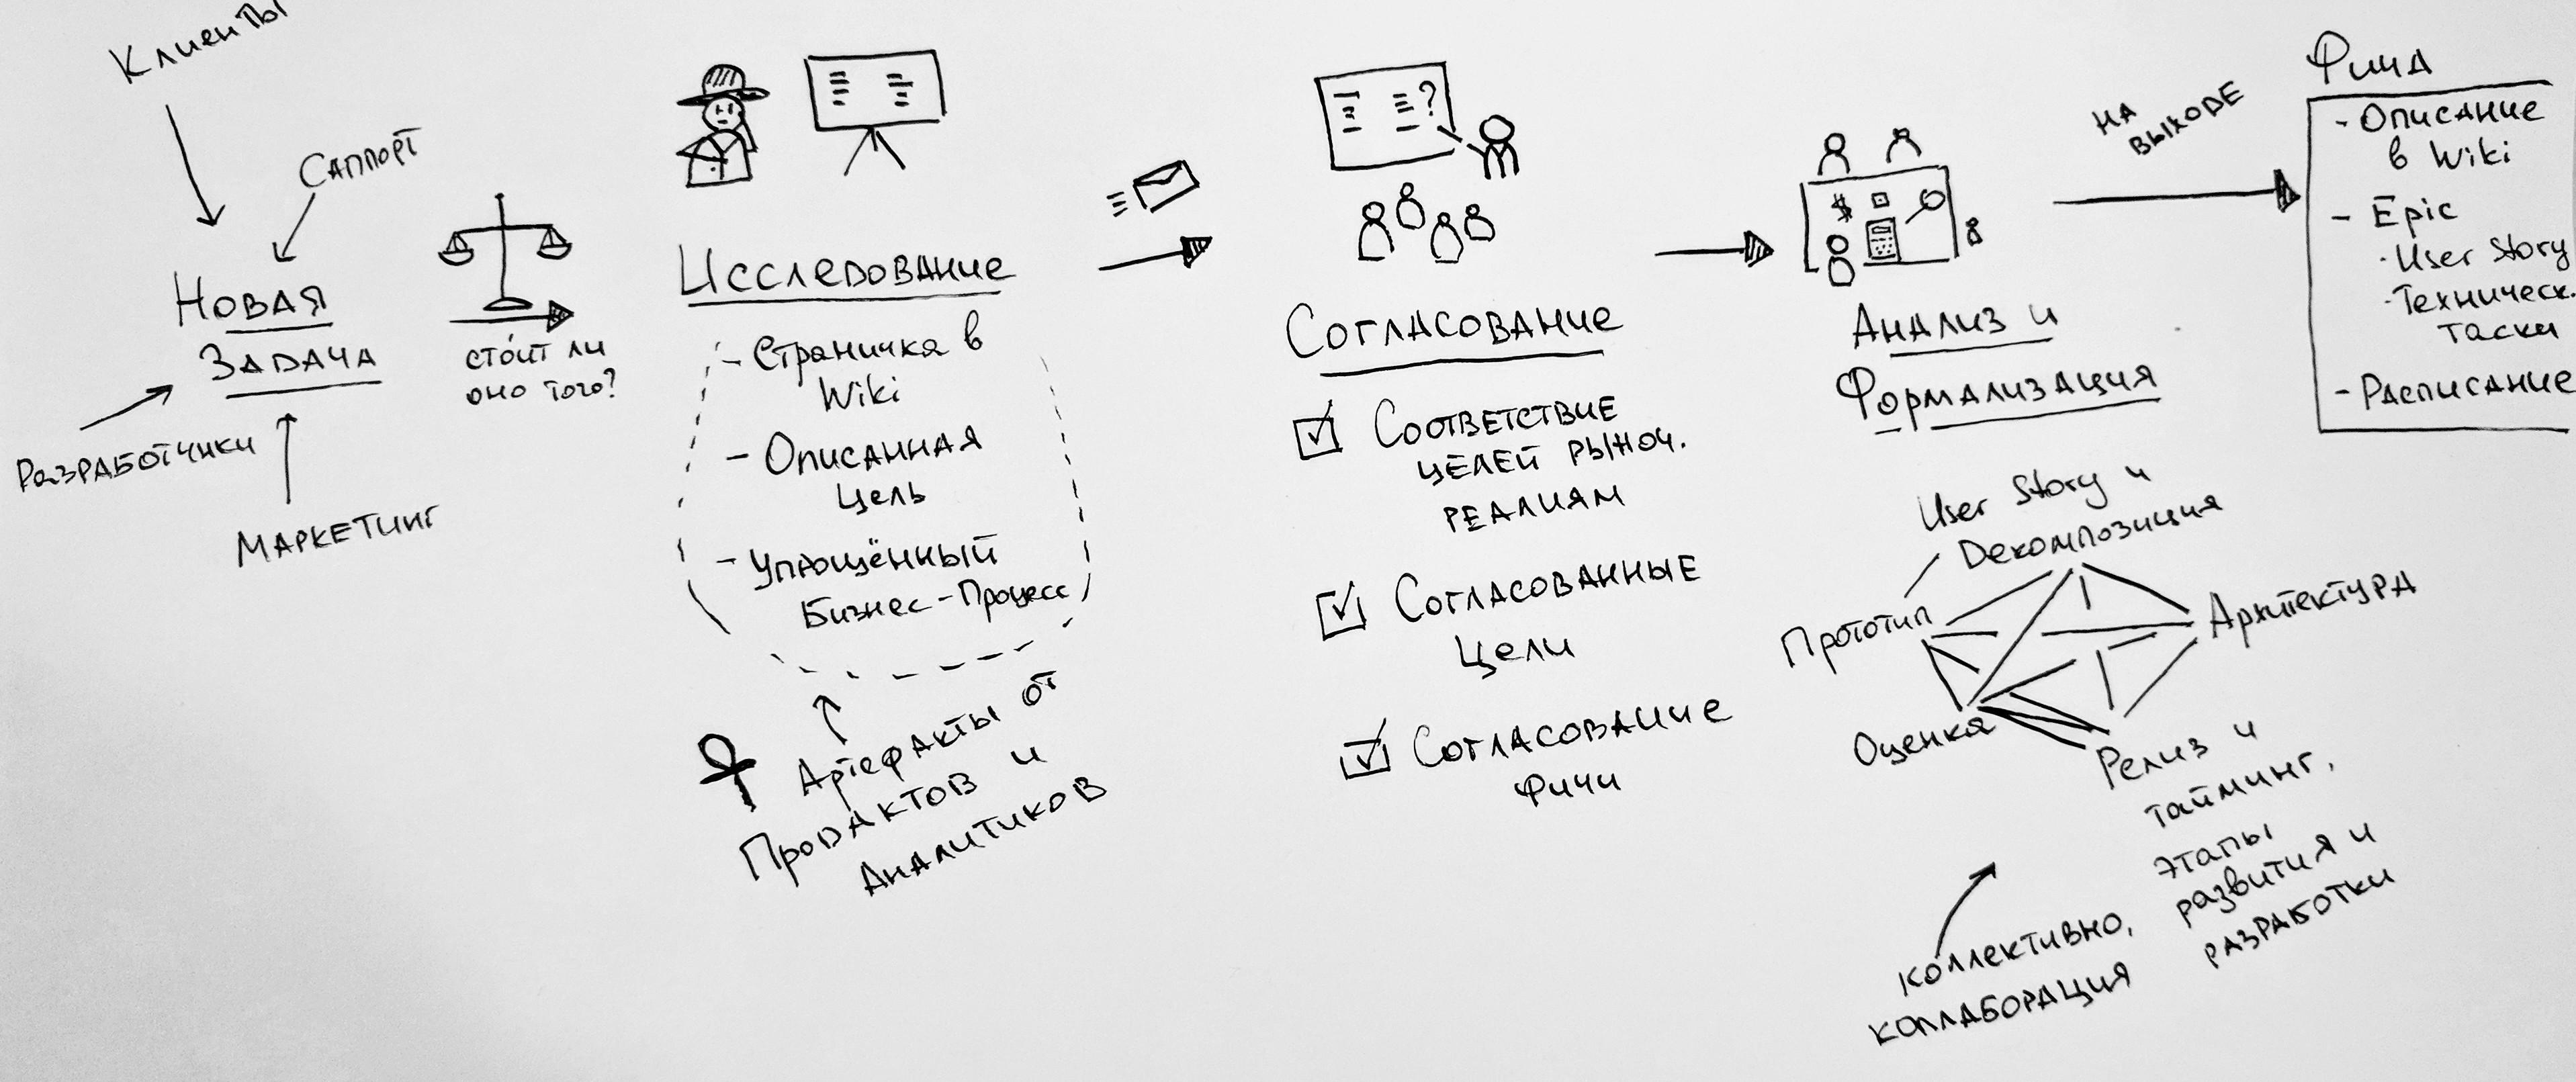 Анатомия распределенной команды — процесс подготовки требований